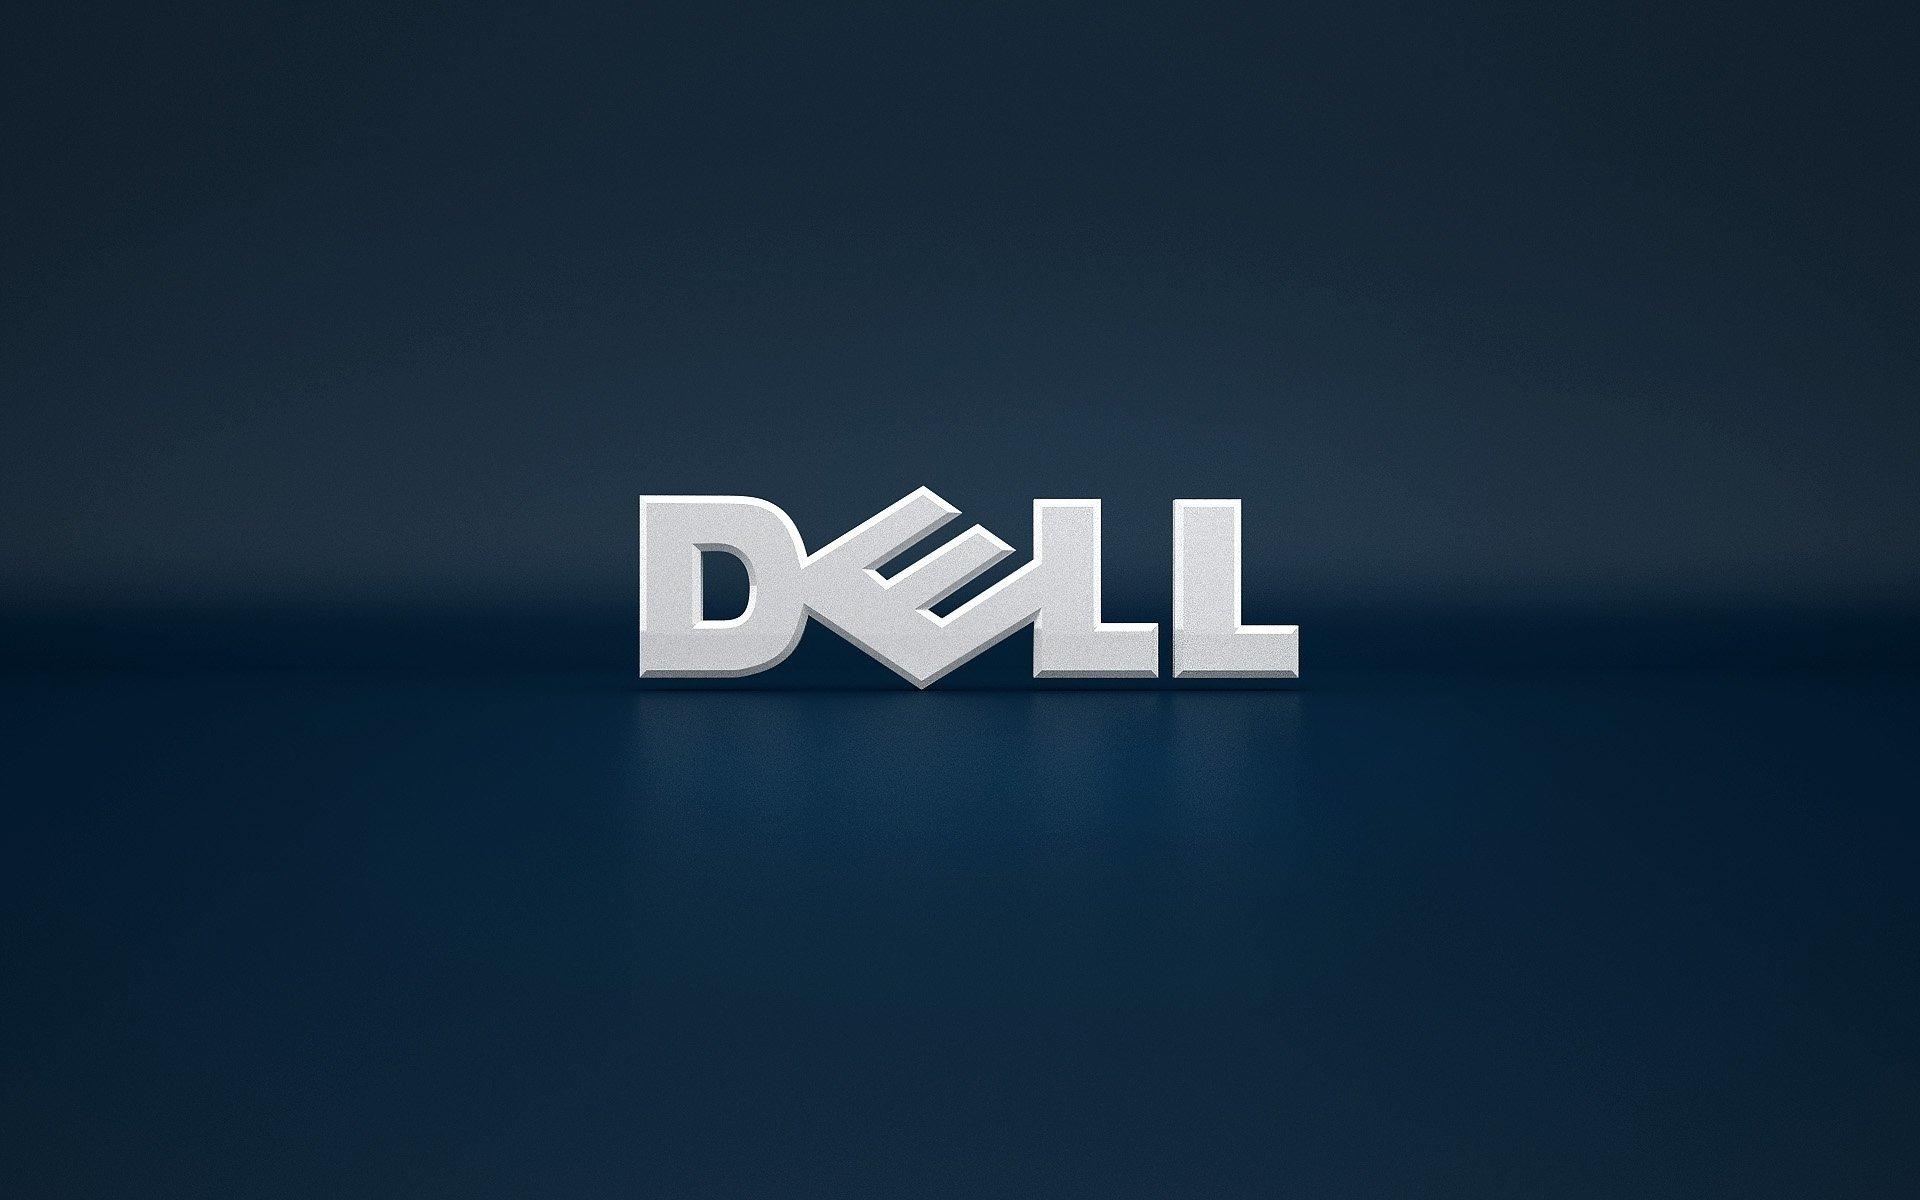 Nice Dell Wallpaper 4K 27541